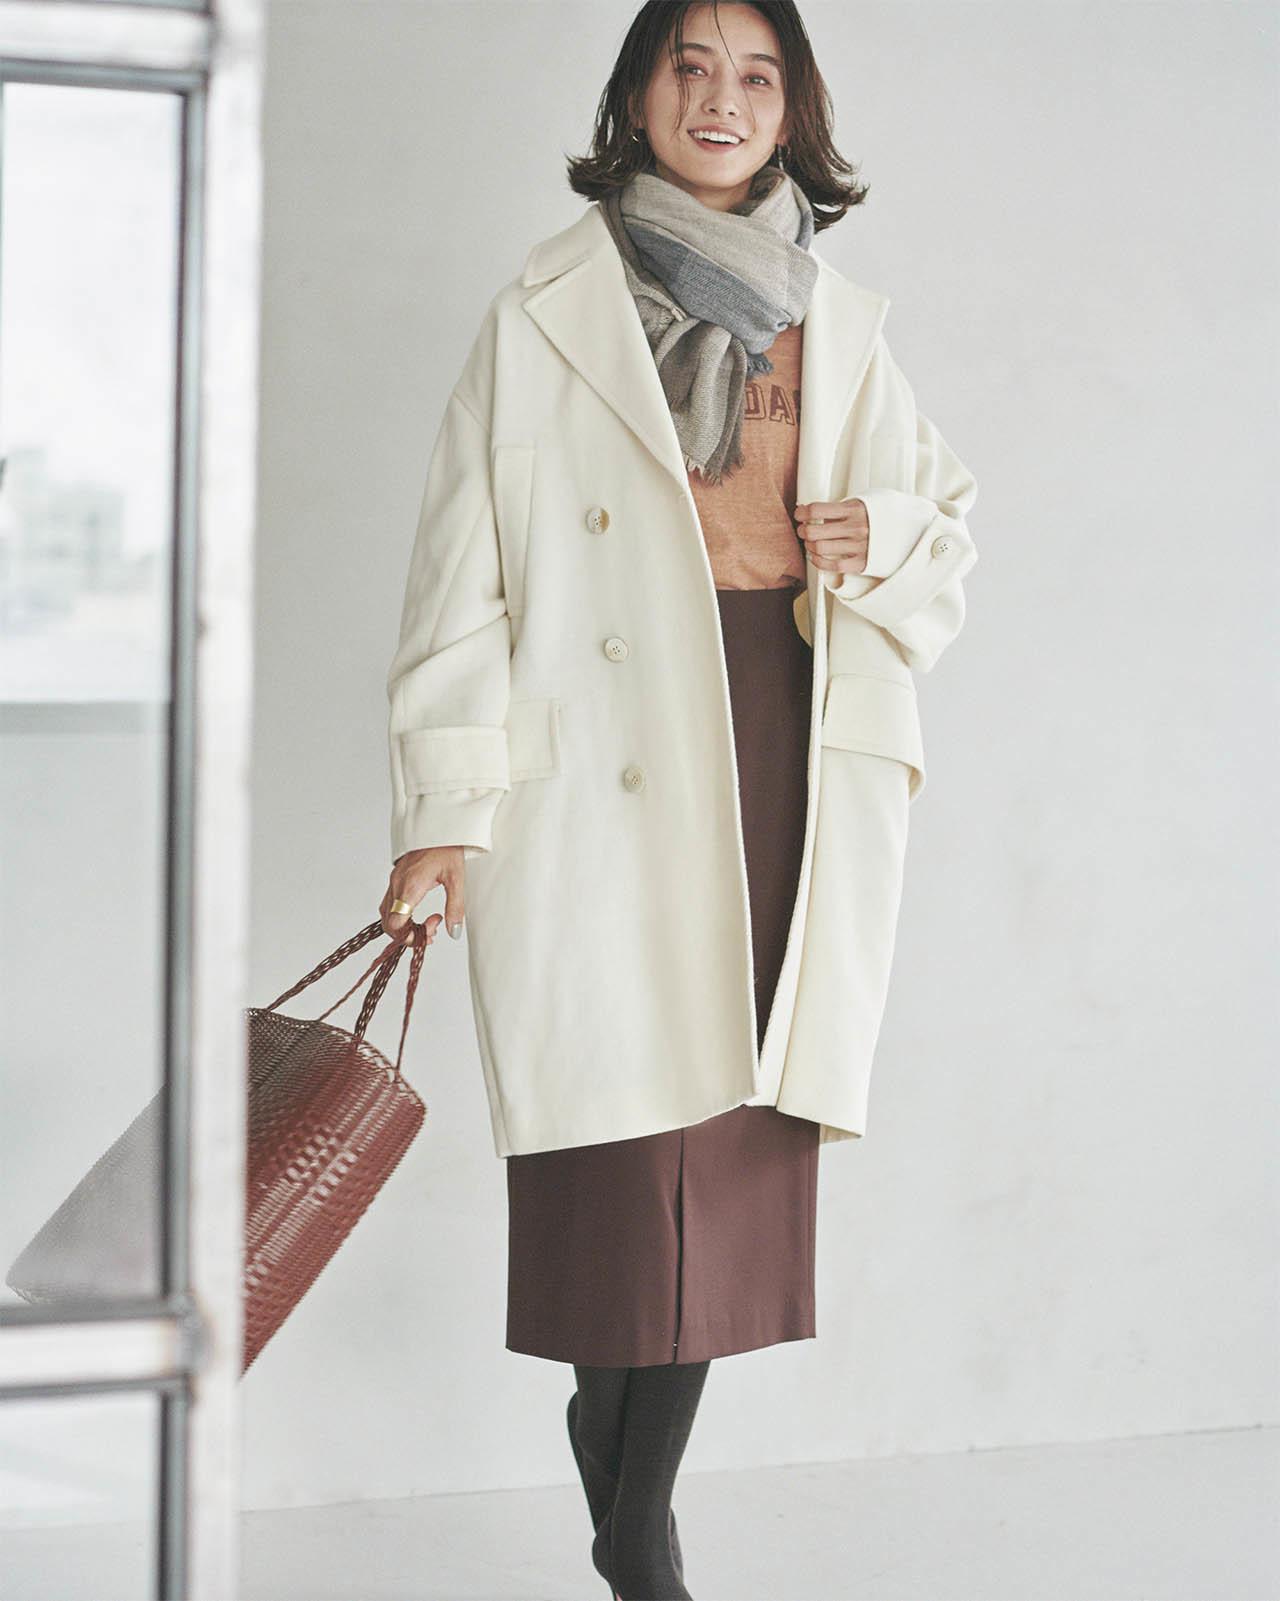 タイトスカートなら大きめミドル丈コートを